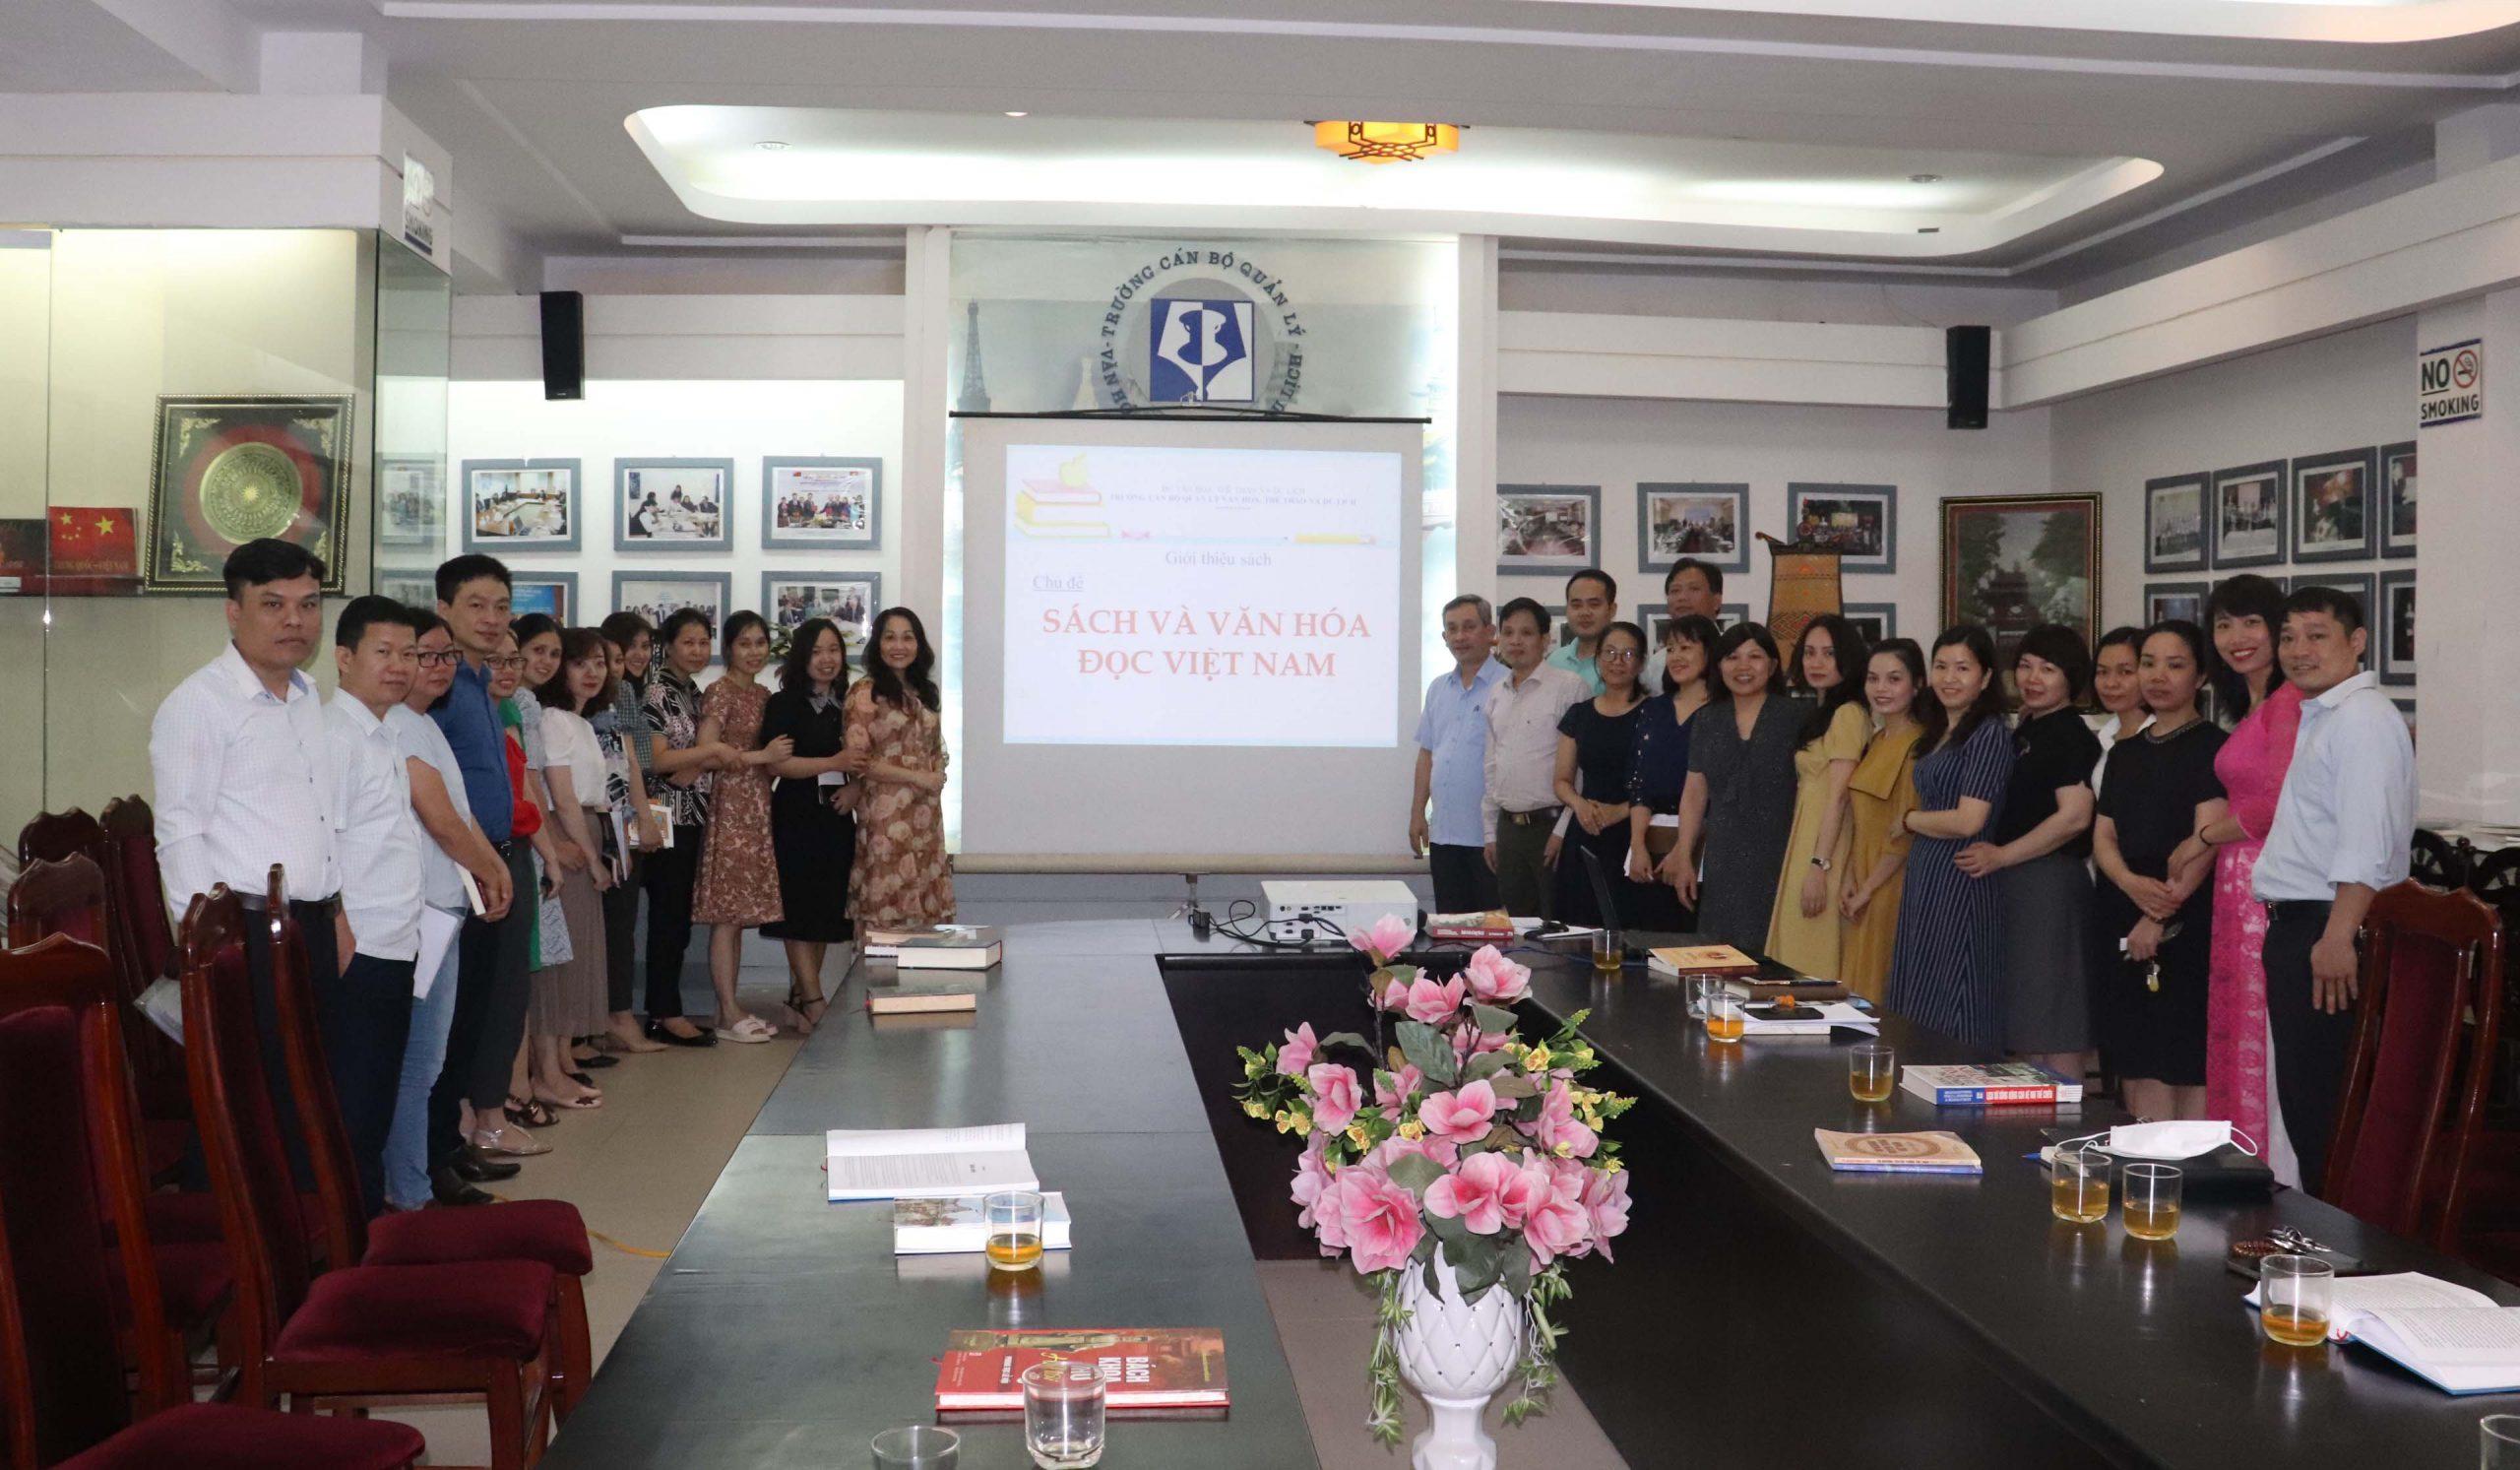 Trường Cán bộ quản lý VHTTDL tổ chức hoạt động giới thiệu sách với chủ đề: Sách và văn hóa đọc Việt Nam